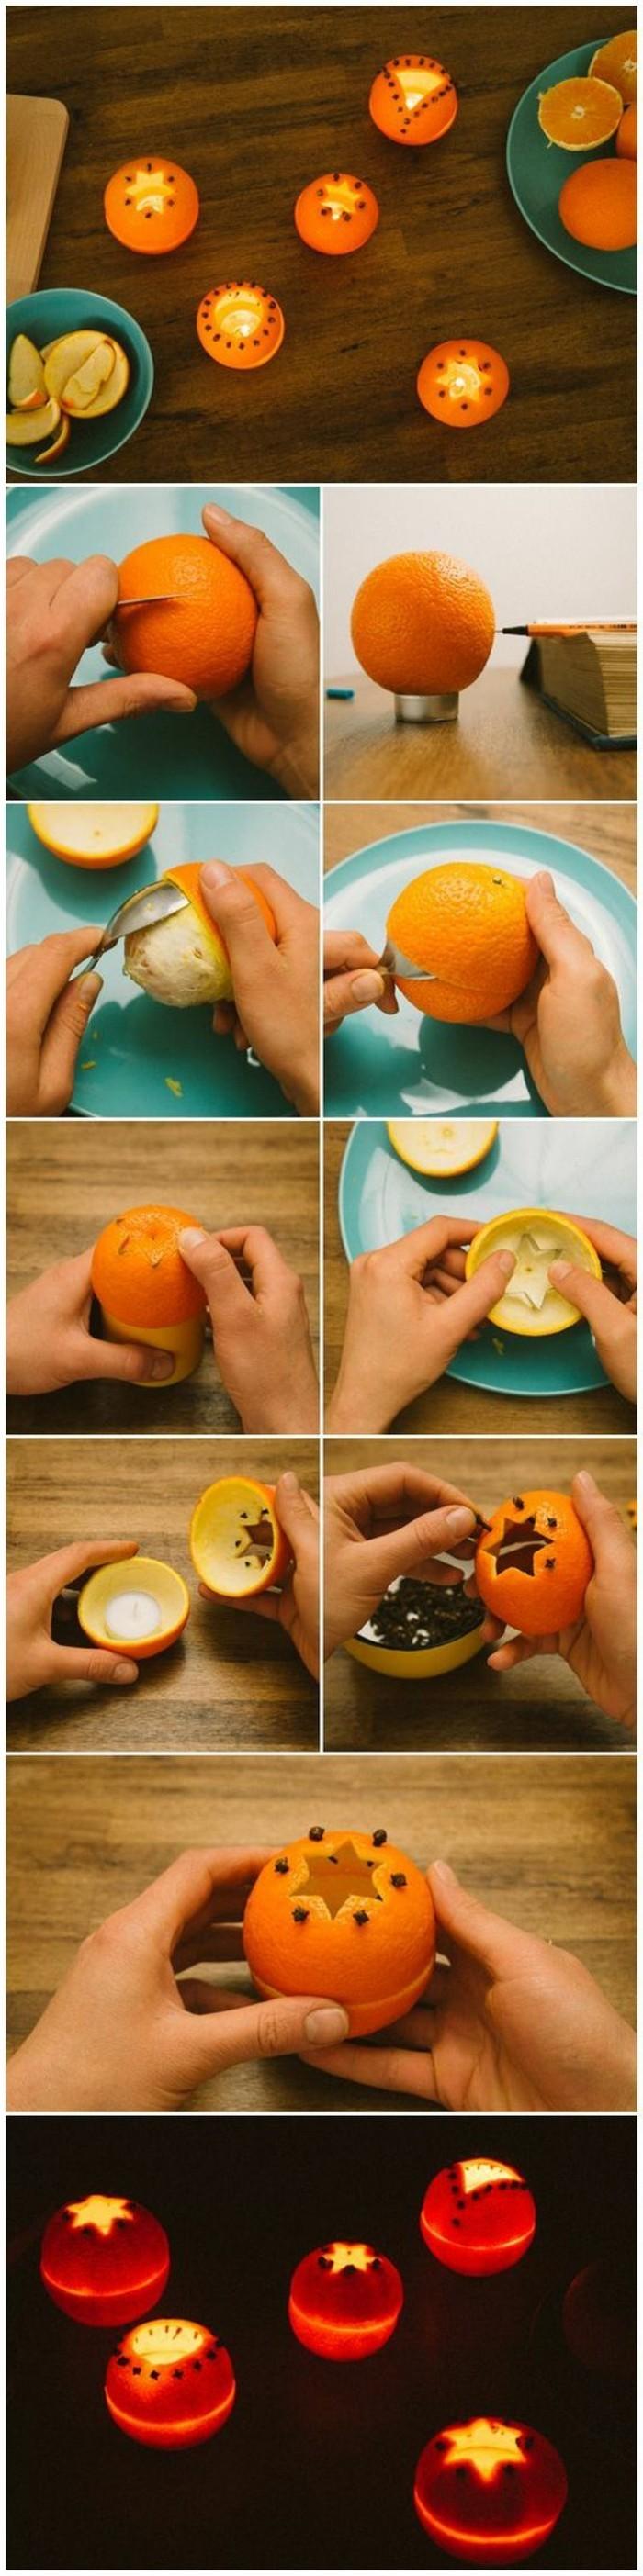 superbe-idee-de-bougeoirs-faits-a-partir-d-oranges-bricolage-noel-facile-a-realiser